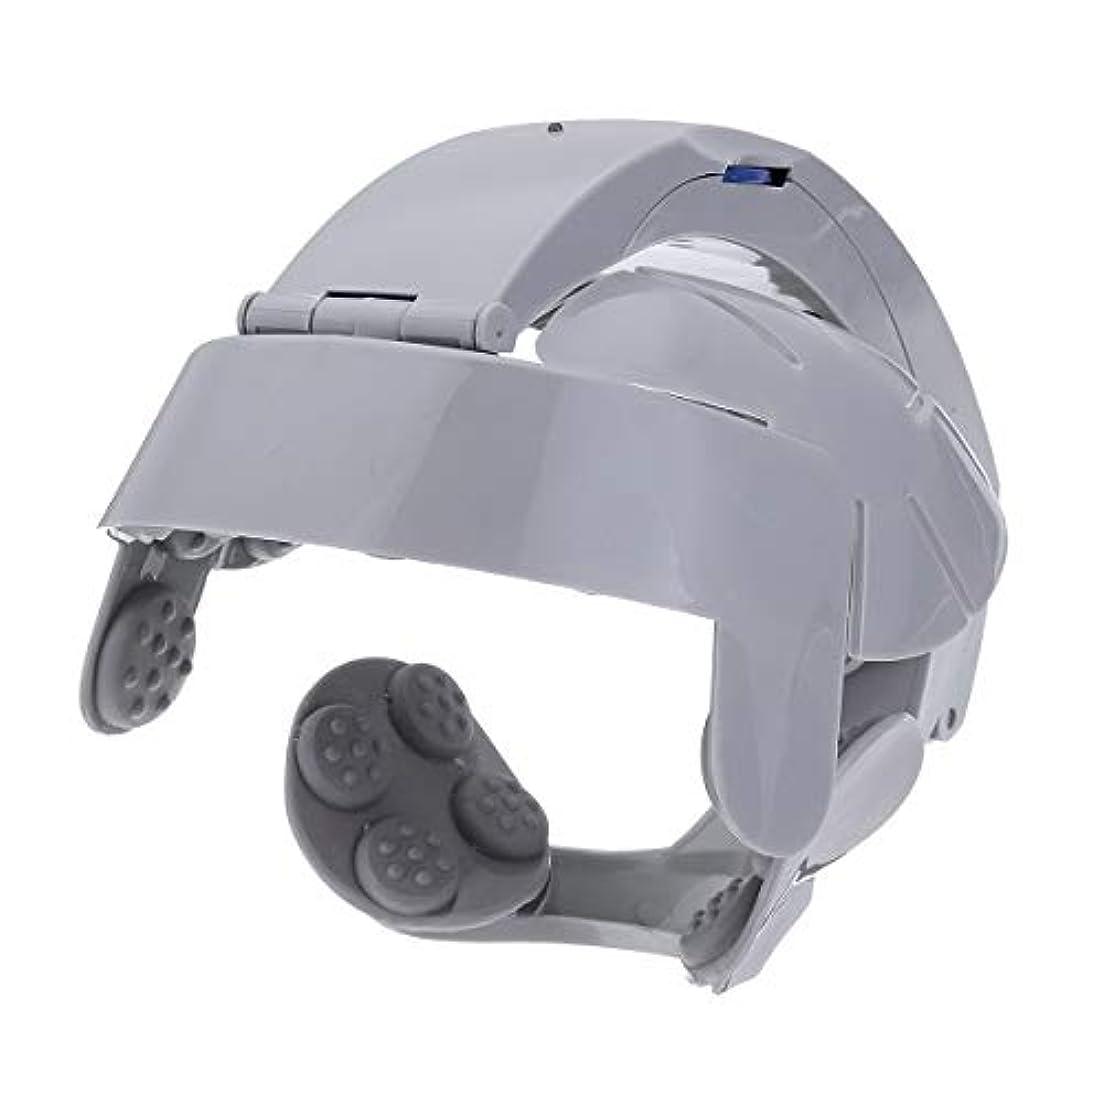 概要非武装化警官ヘッド振動マッサージ電動ヘッドマッサージリラックス脳経穴ストレス解放マシンポータブルのためのホーム使用